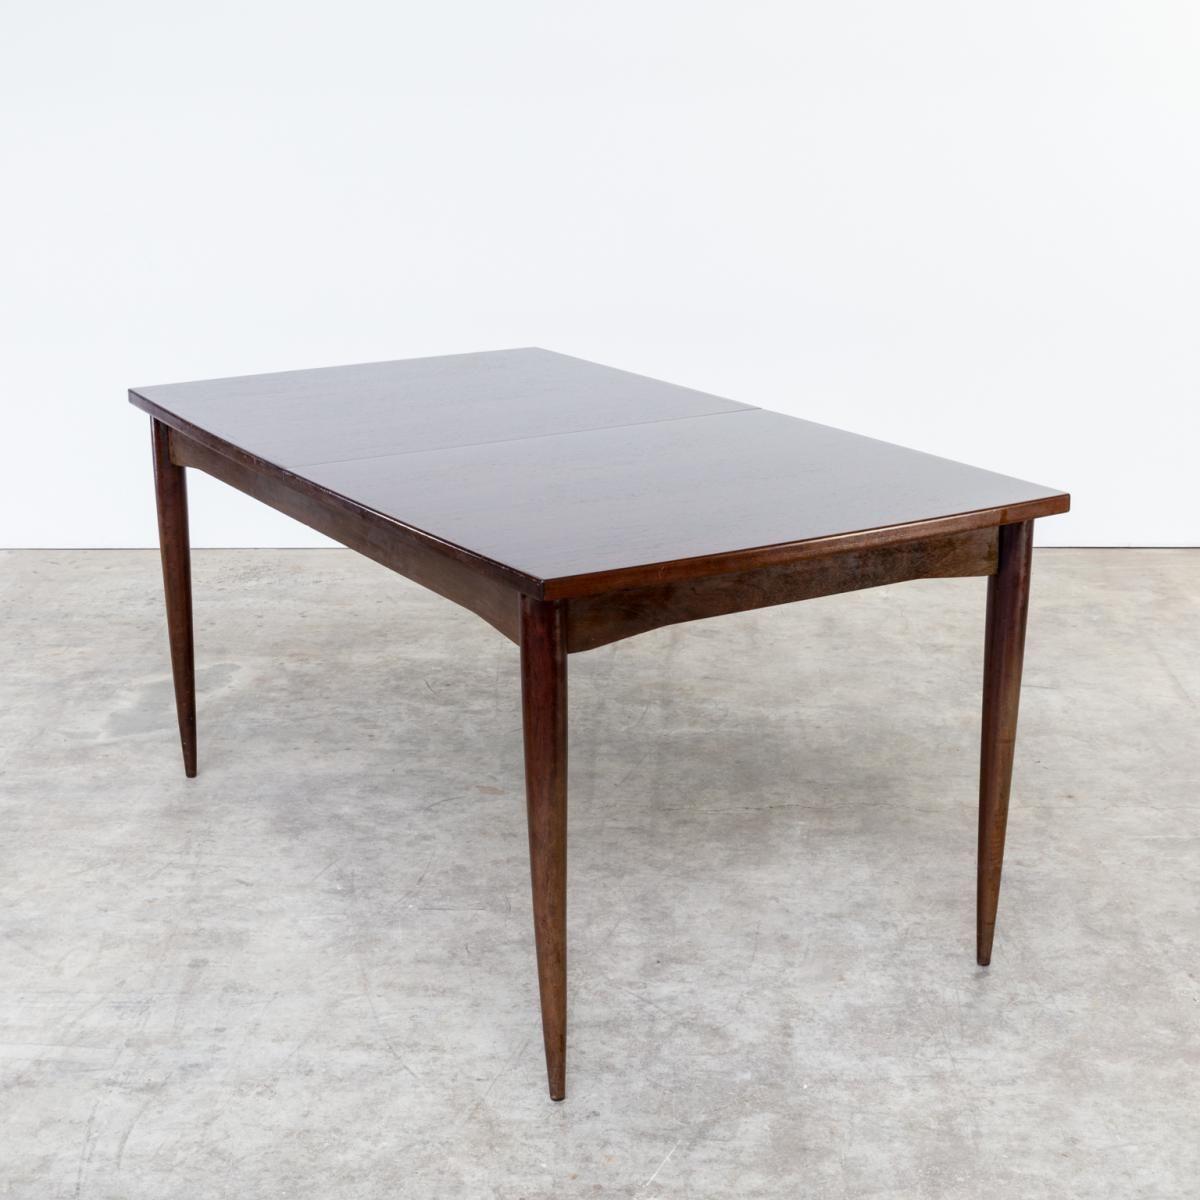 Ausziehbarer Brauner Palisander Esstisch, 1960er | Paint furniture ...